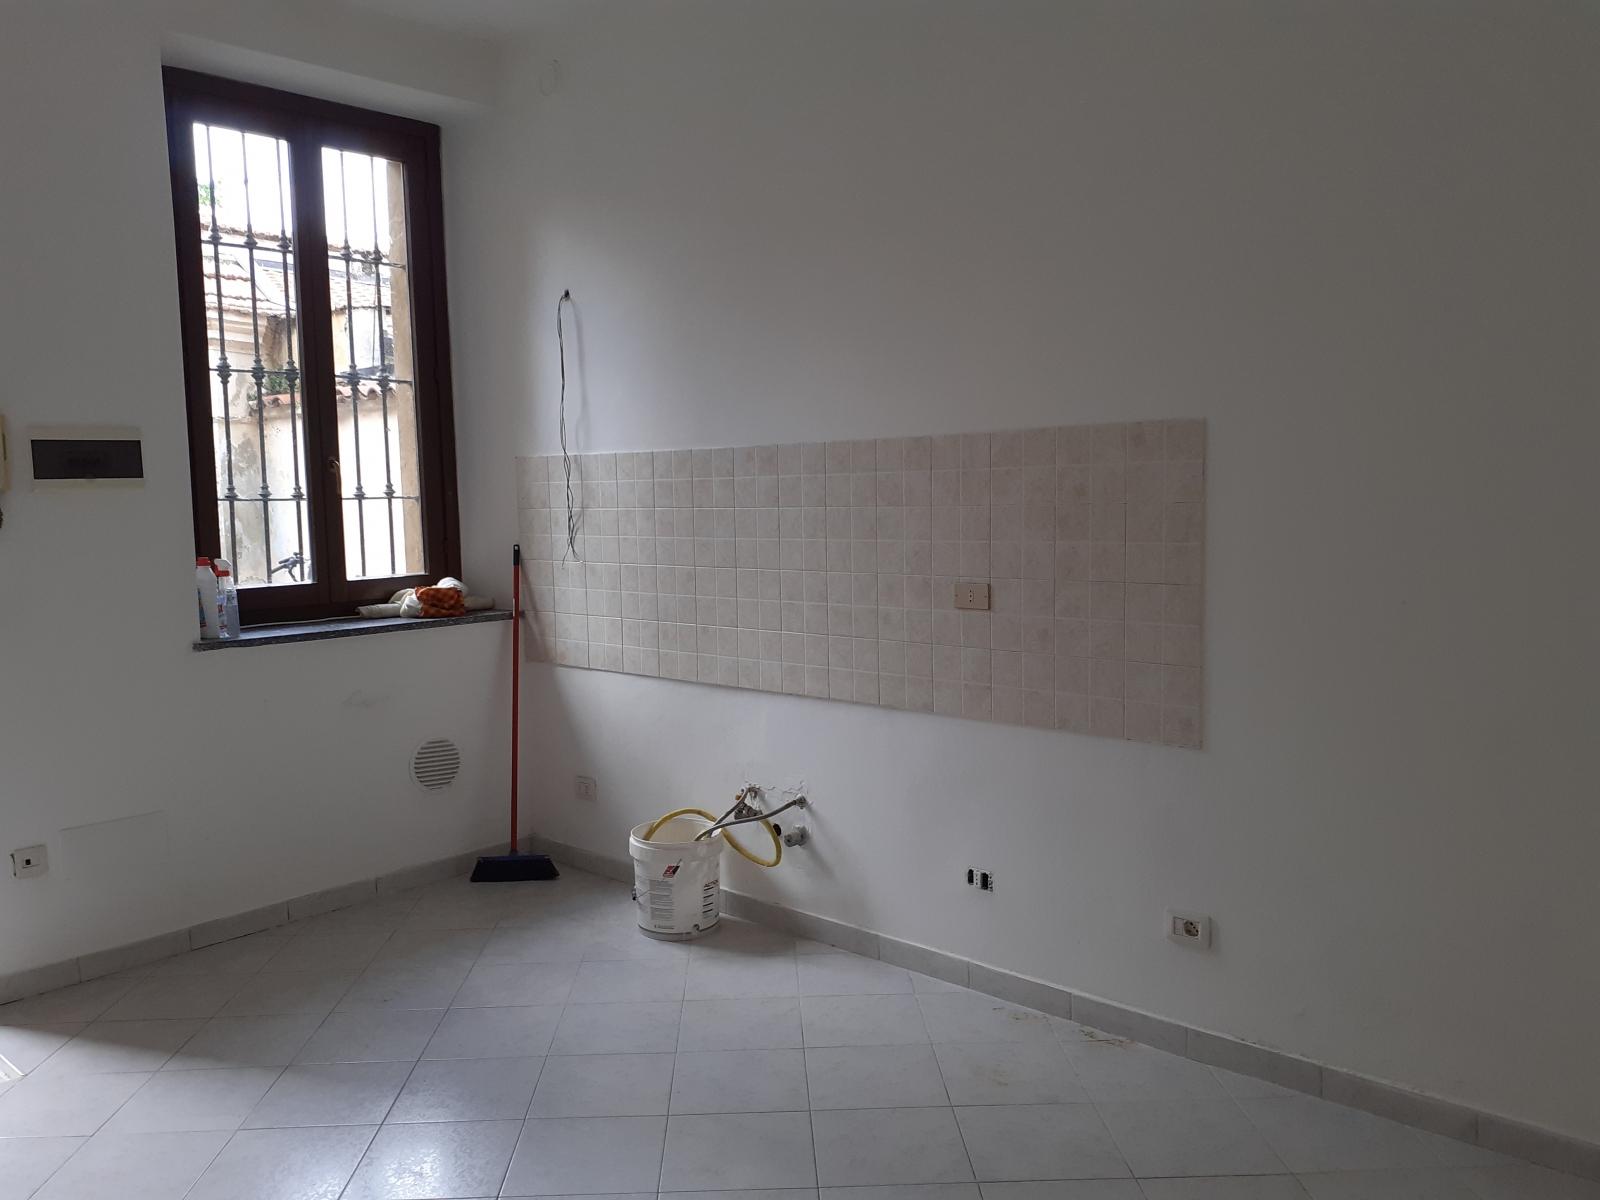 appartamento-tre-locali-milano-via-novara-quinto-romano-san-siro-3-locali-spaziourbano-immobiliare-vende-12